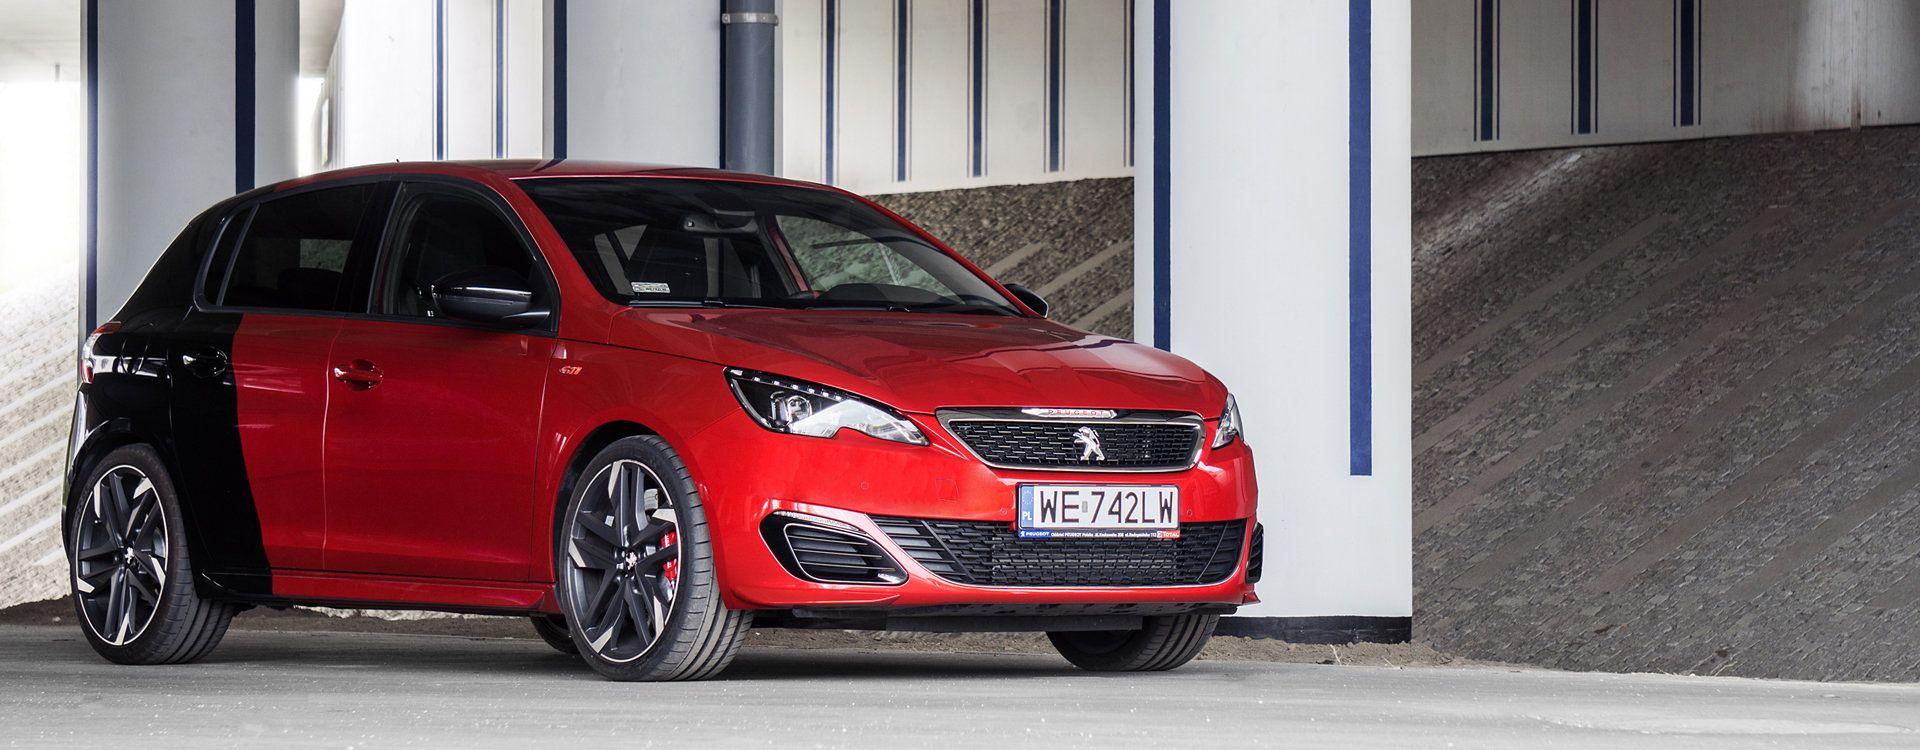 Krzykliwy lakier to jeden z najmodniejszych dodatków usportowionych aut, także Peugeota 308 GTI.